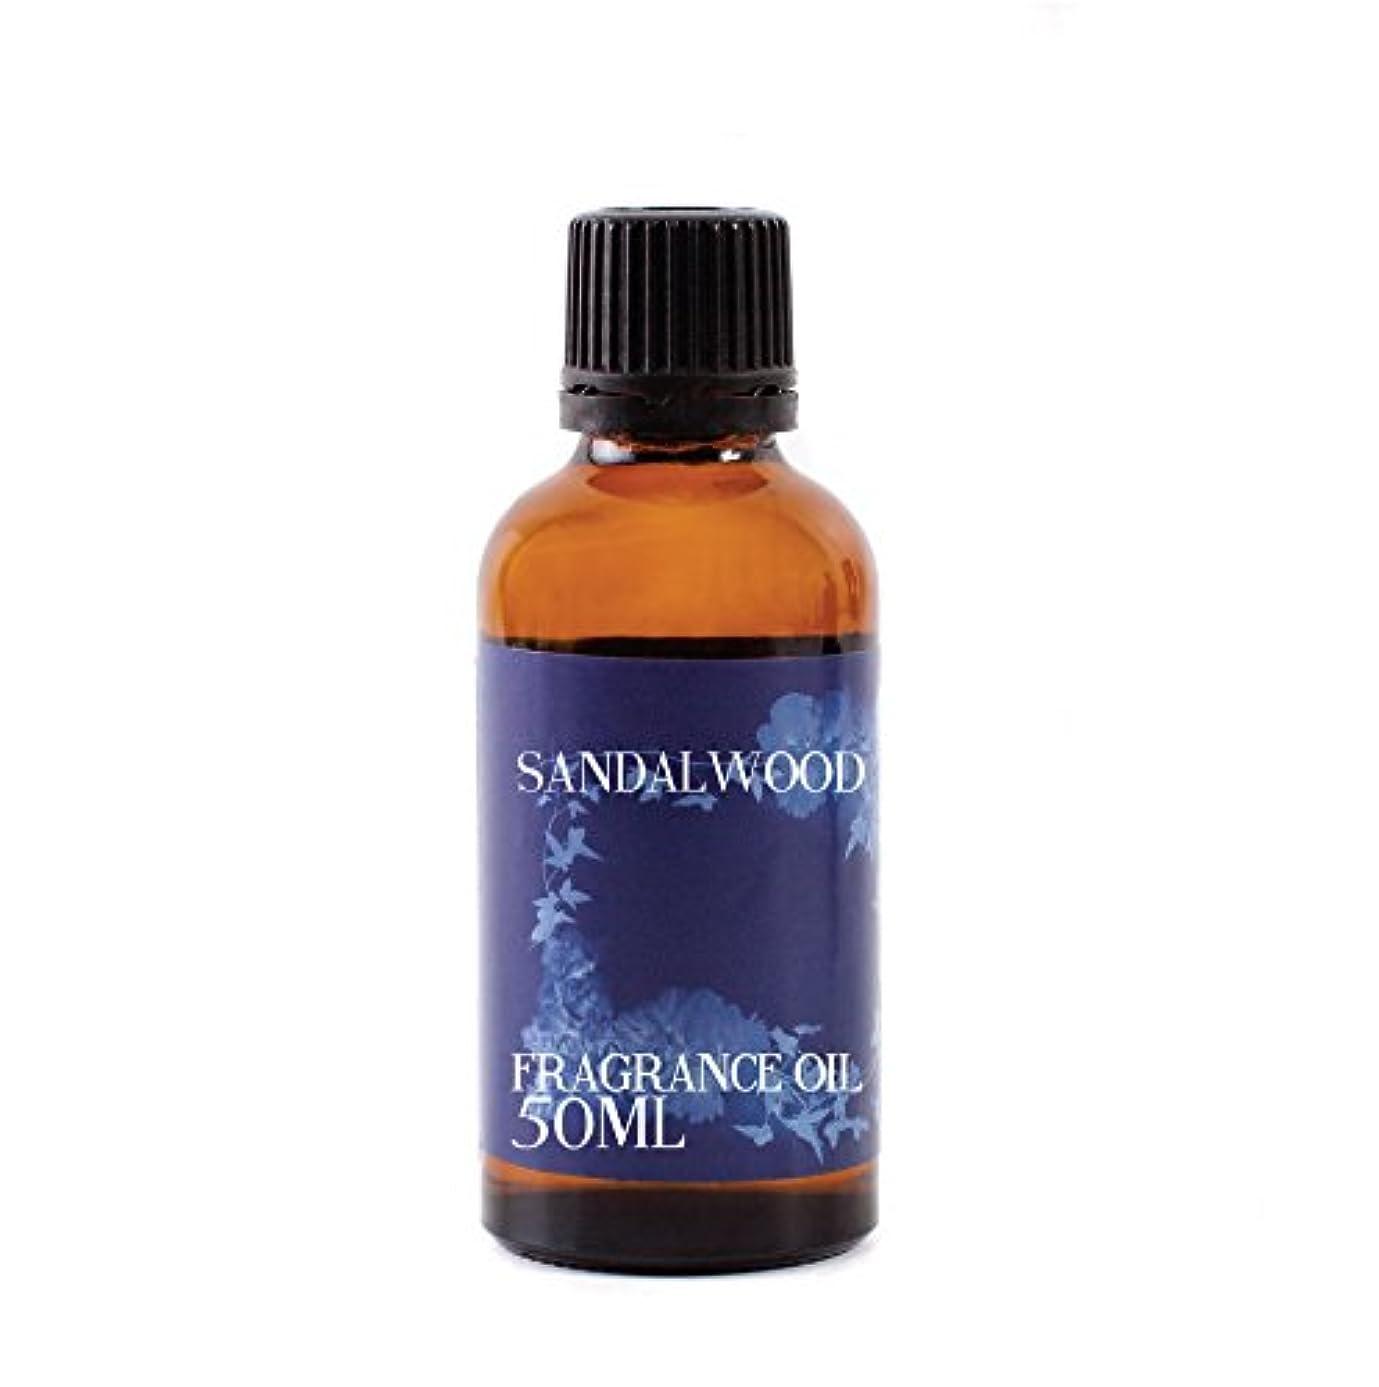 納税者エピソードコンテストMystic Moments | Sandalwood Fragrance Oil - 50ml